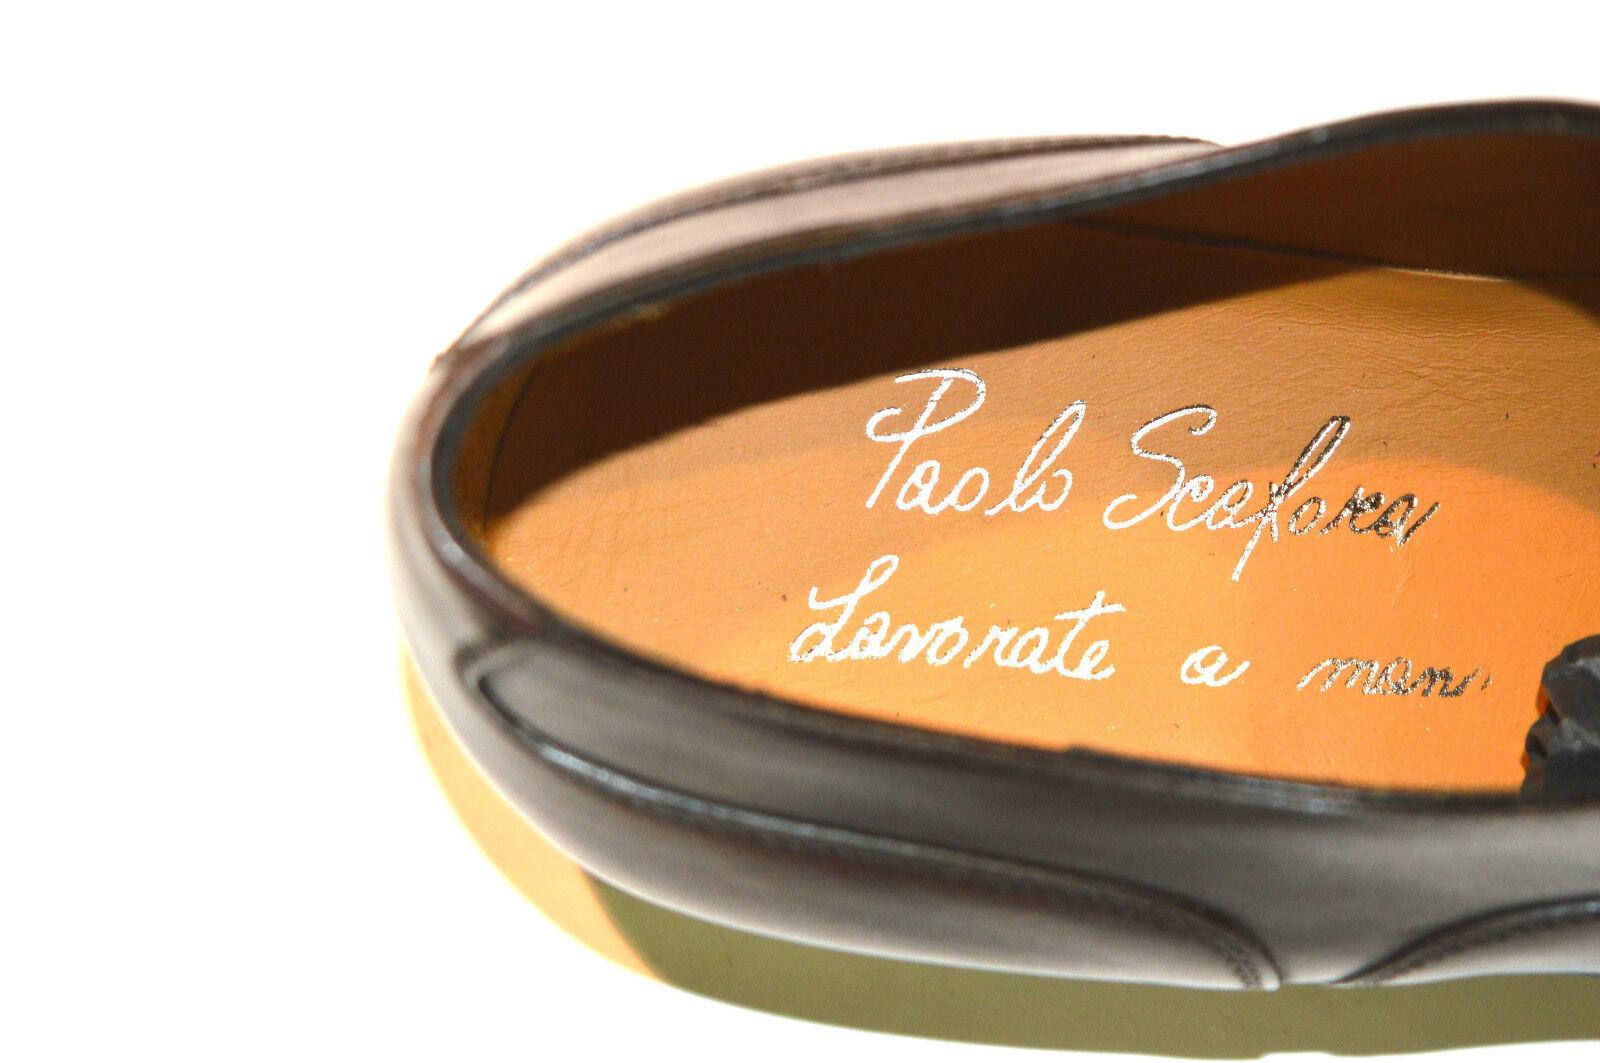 New PAOLO SCAFORA SCAFORA SCAFORA Dress Leather Luxury schuhe Größe Eu 45 Uk 11 Us 12 (Cod 6) e11ce8